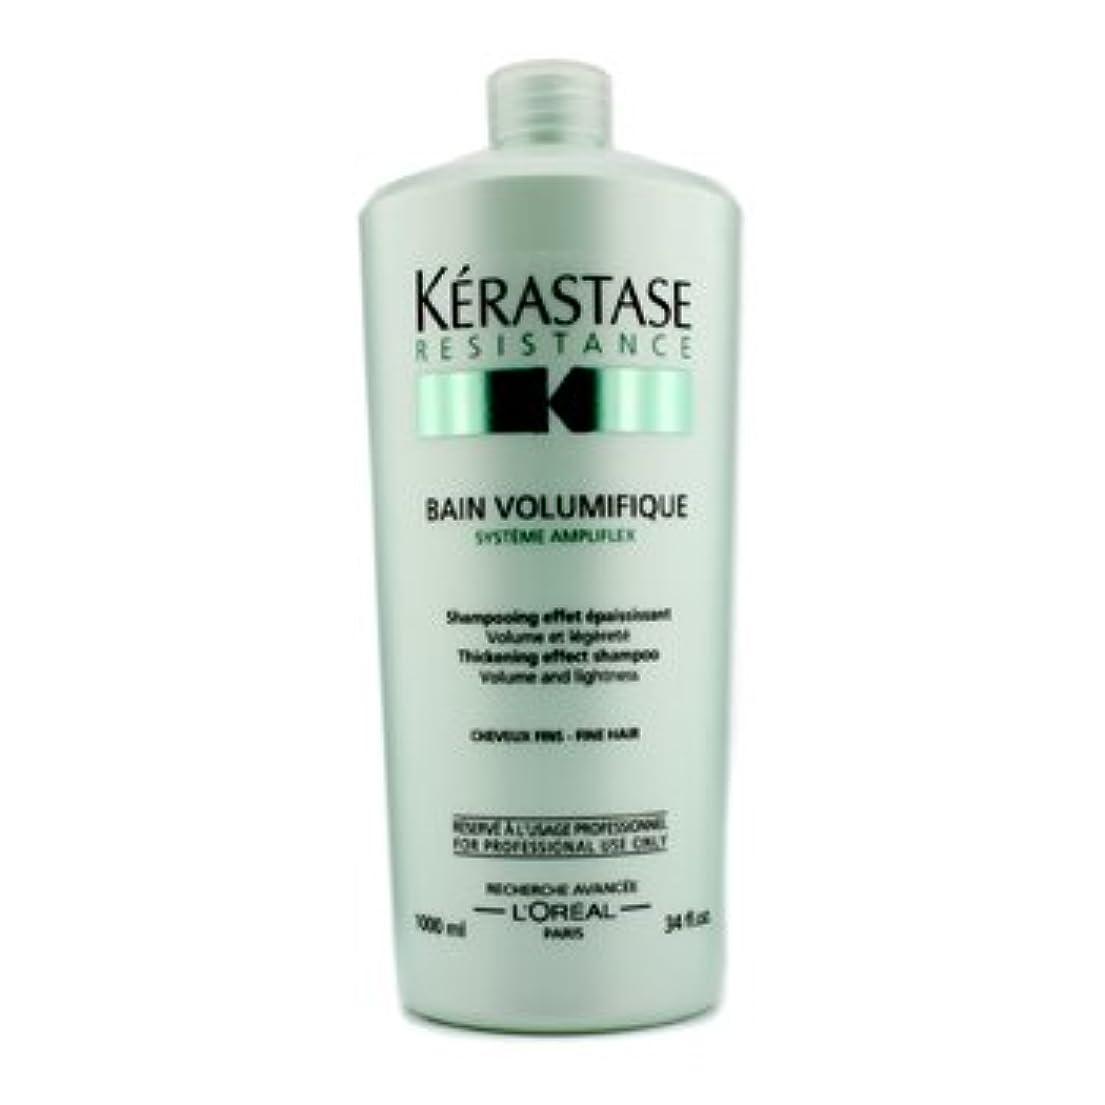 ハウジングことわざ探検[Kerastase] Resistance Bain Volumifique Thickening Effect Shampoo (For Fine Hair) 1000ml/34oz